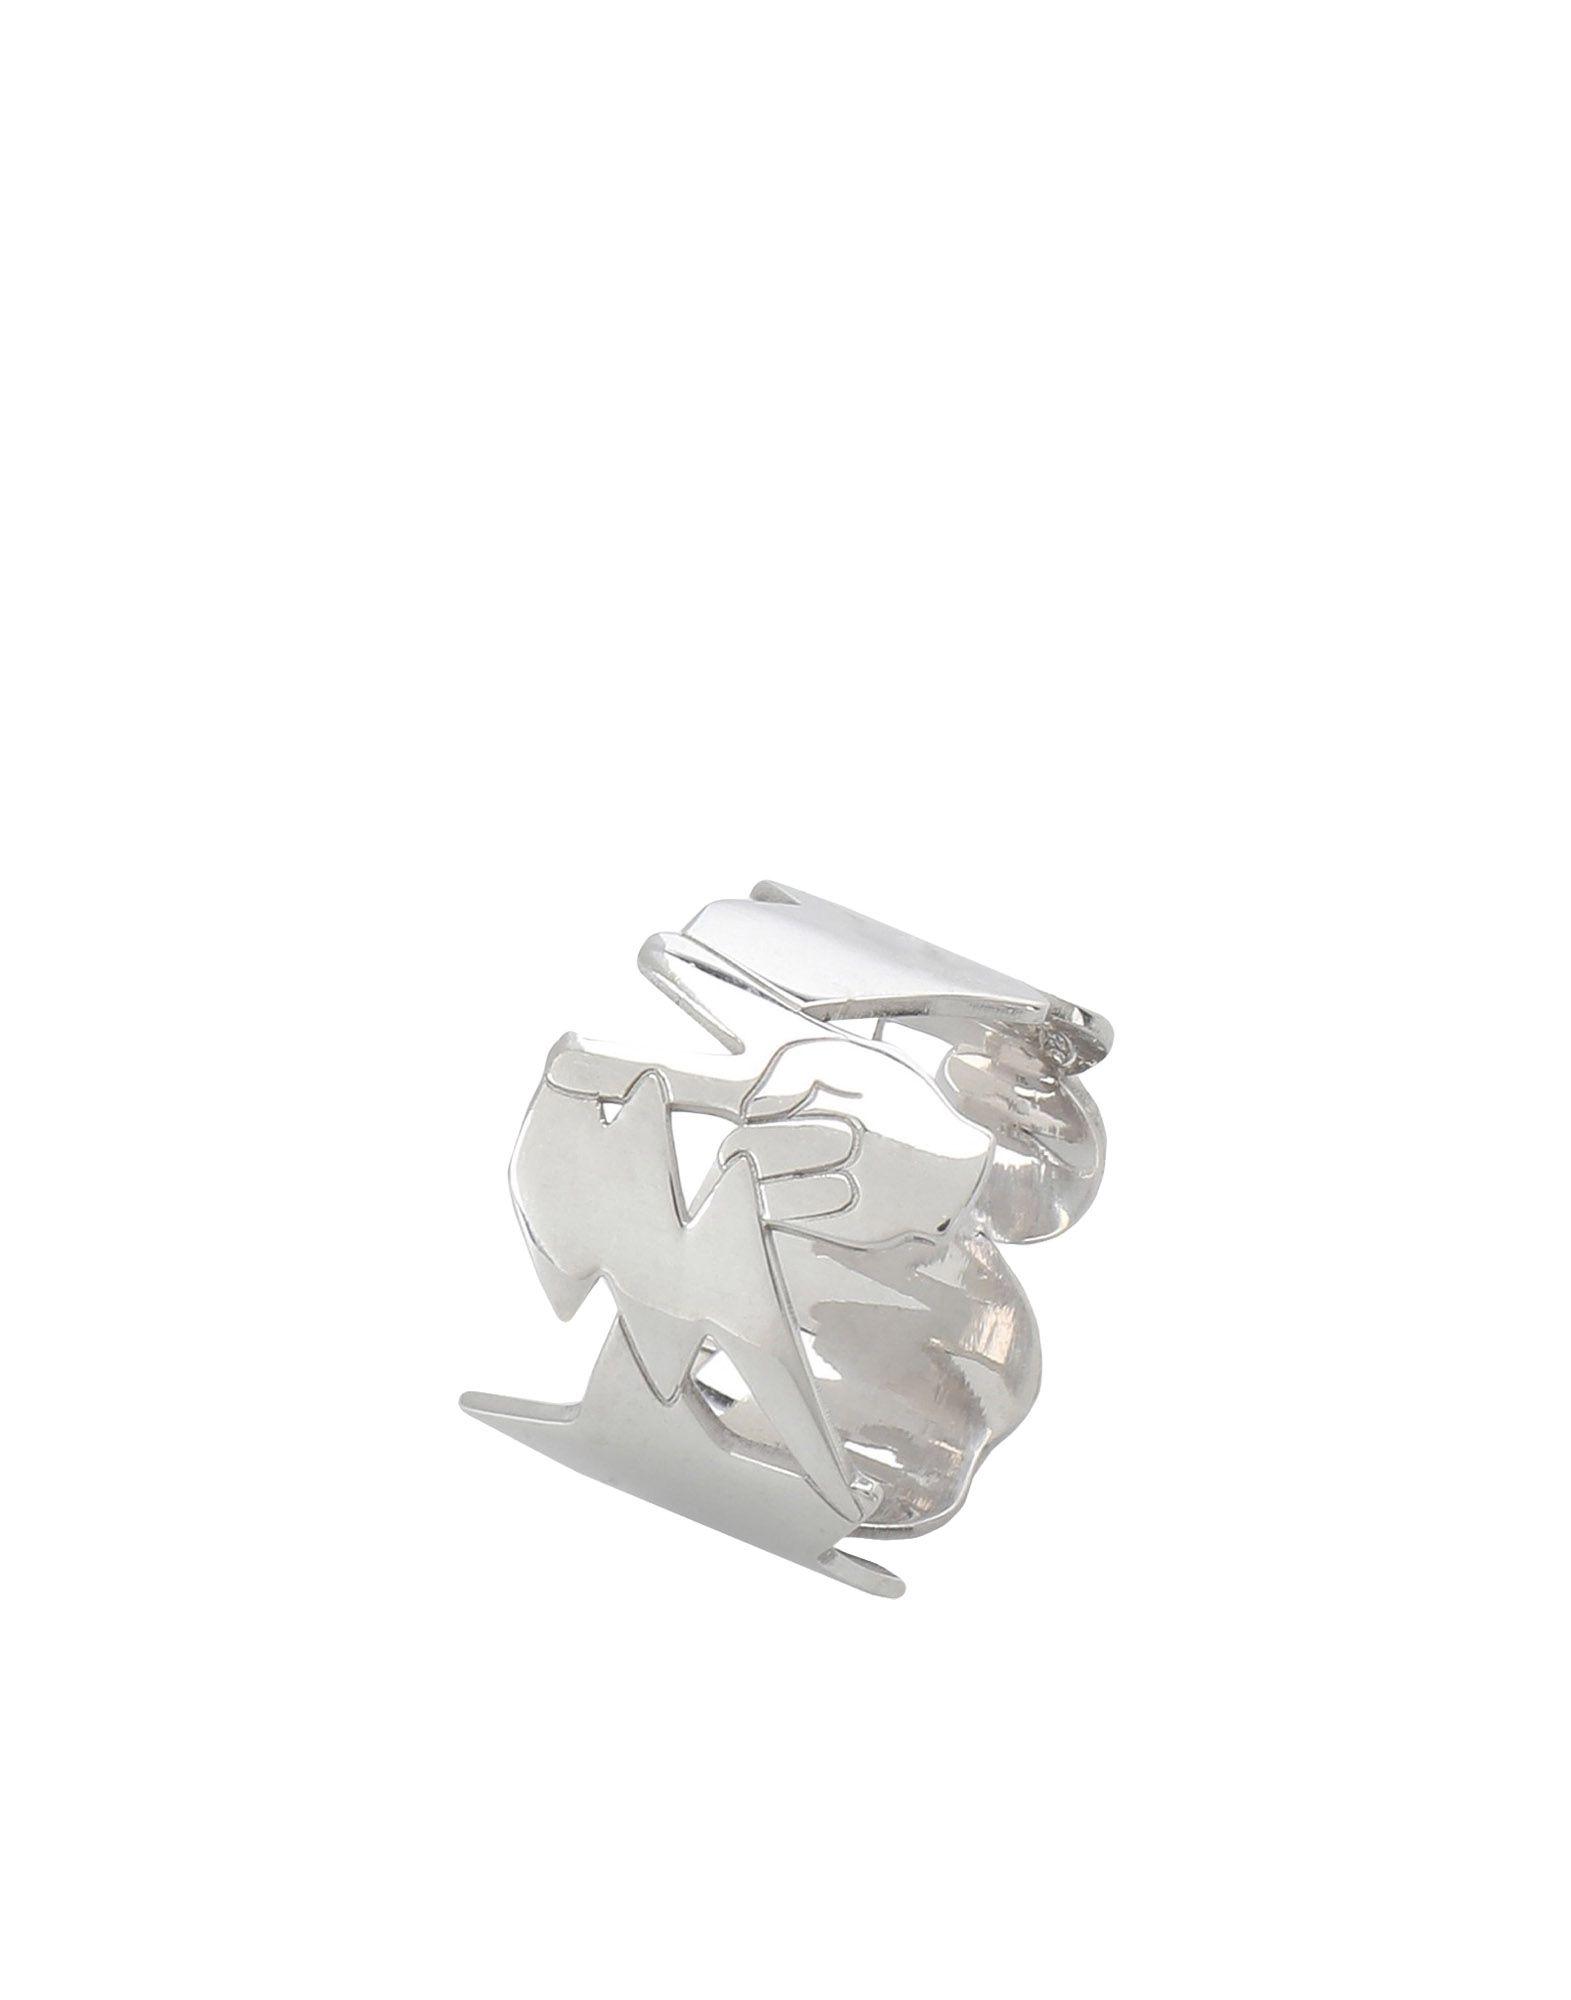 《セール開催中》FIRST PEOPLE FIRST レディース 指輪 シルバー one size シルバー925/1000 FUN RING EMOTICONS